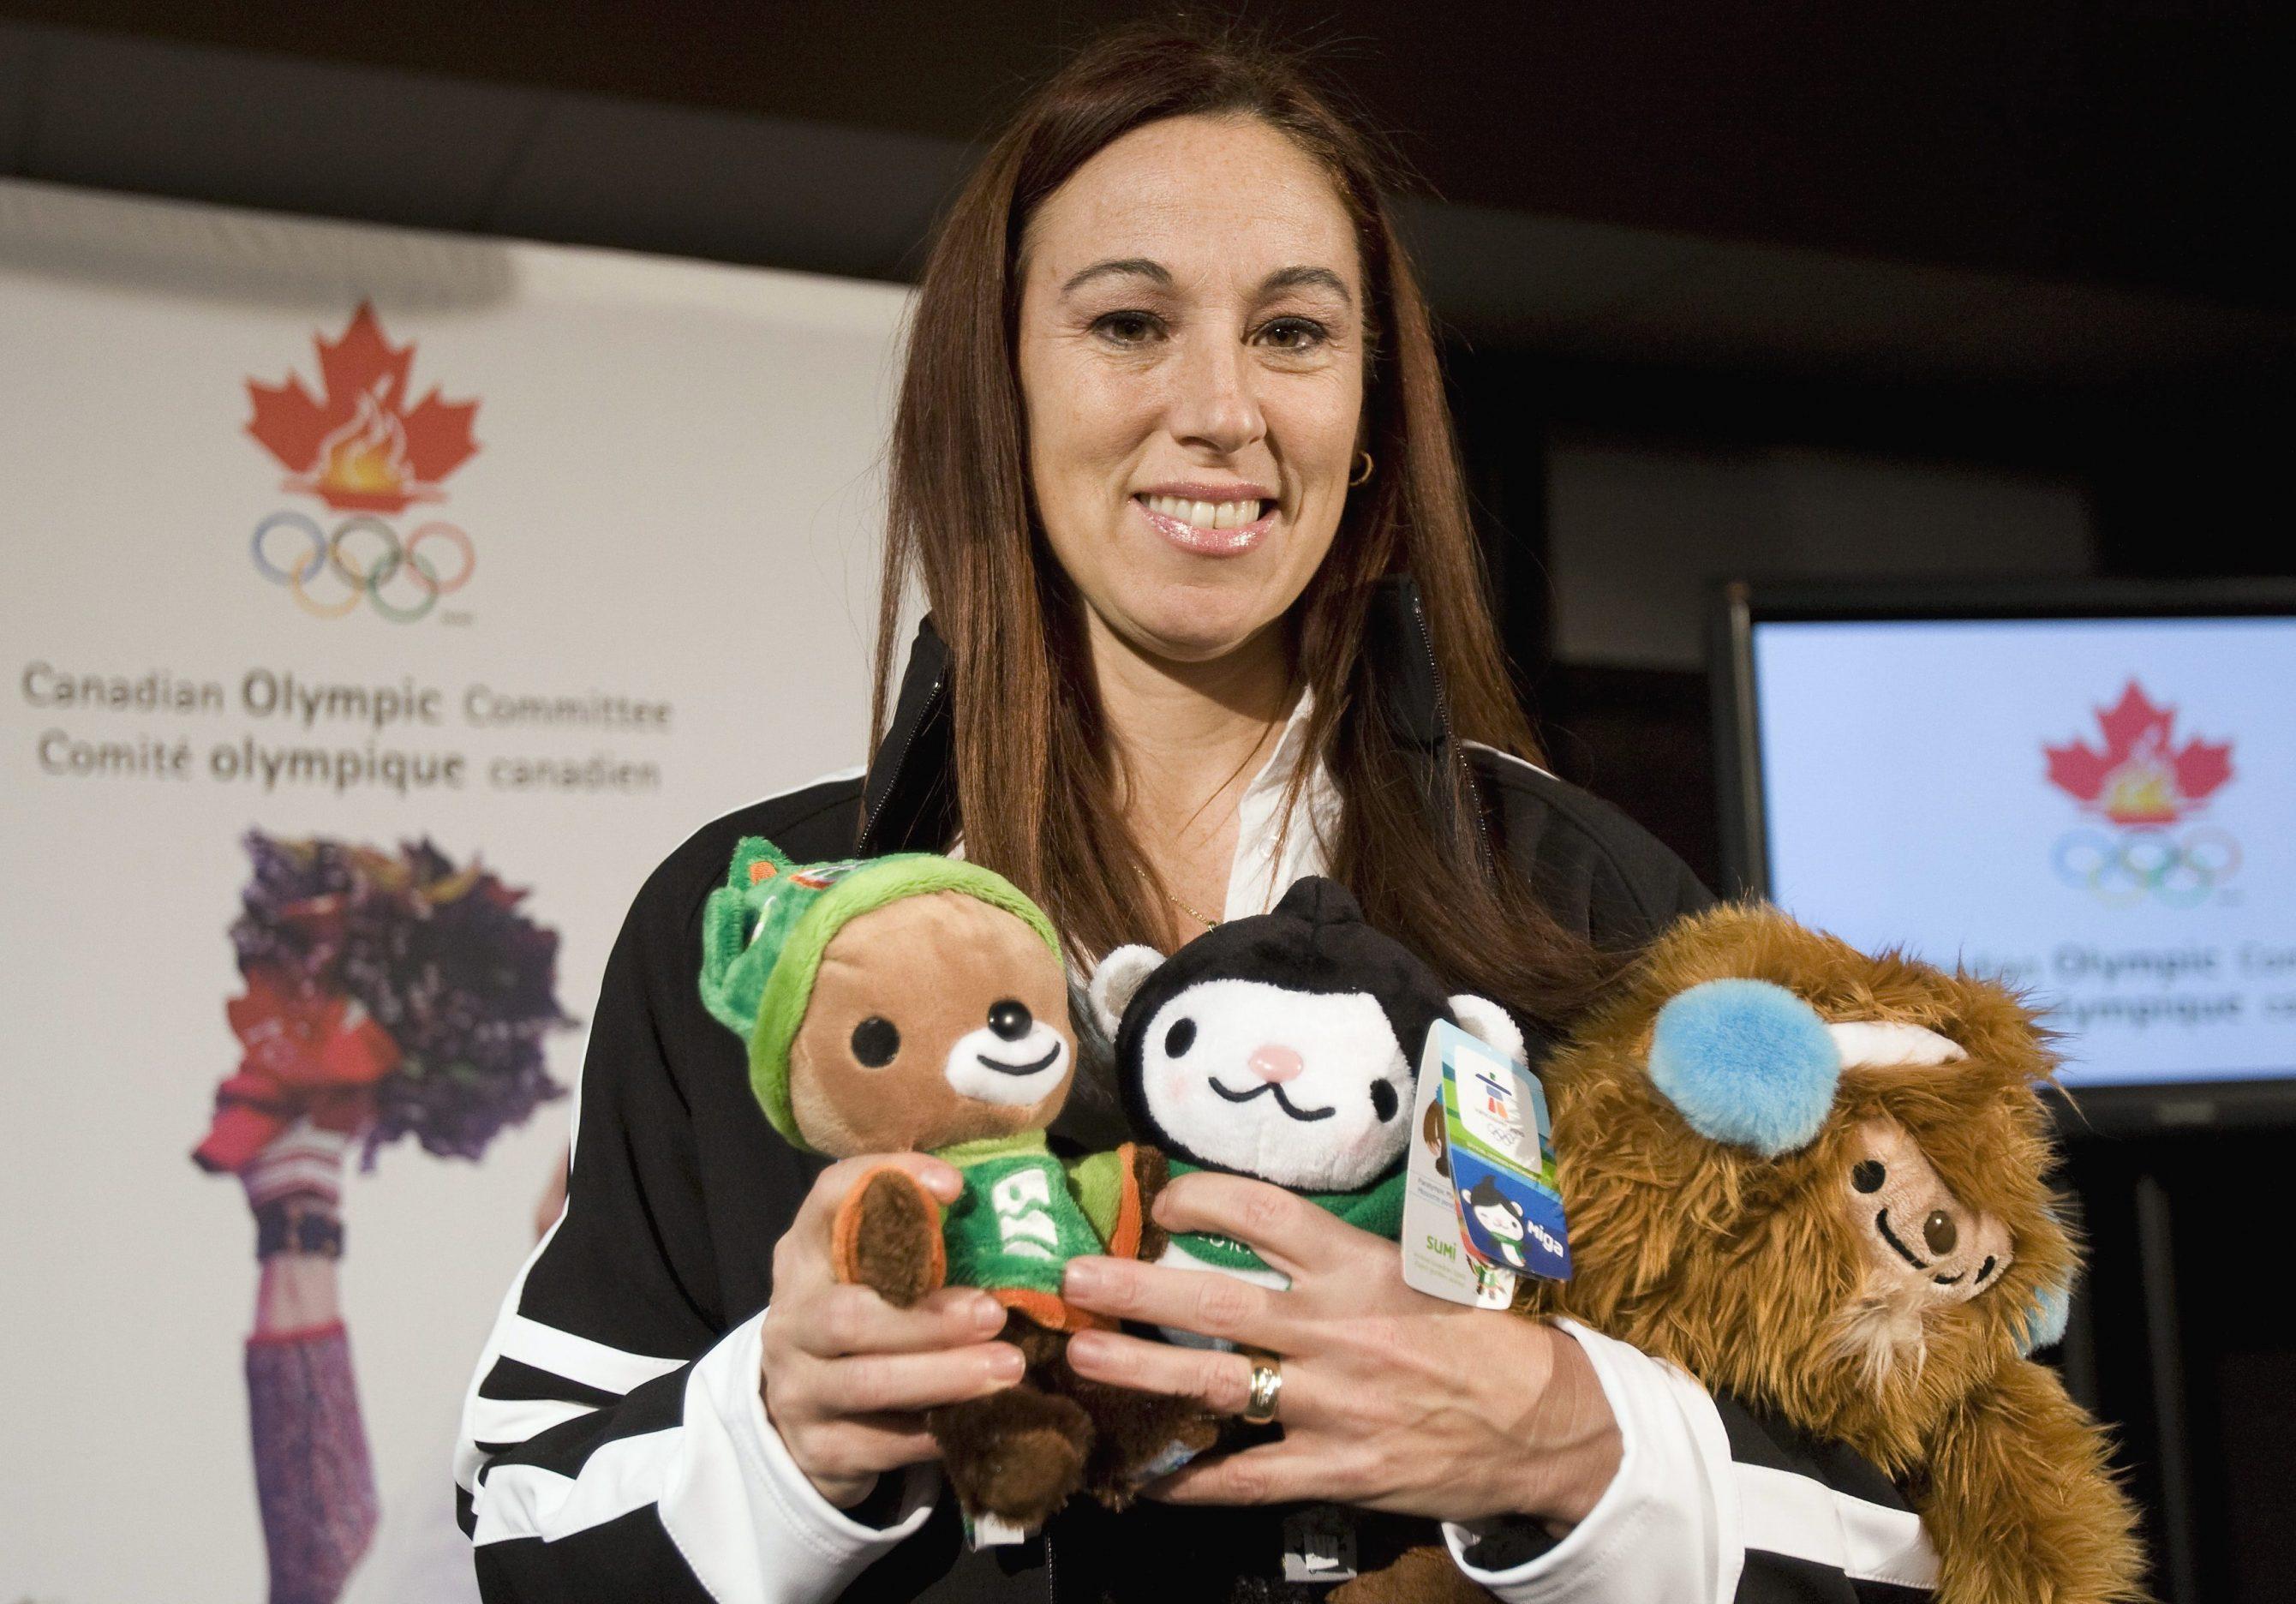 L'Olympienne Nathalie Lambert tient les mascottes olympiques après avoir été nommée chef de mission d'Équipe Canada pour les Jeux d'hiver de Vancouver 2010, à un événement à Vancouver le lundi 10 décembre 2007.